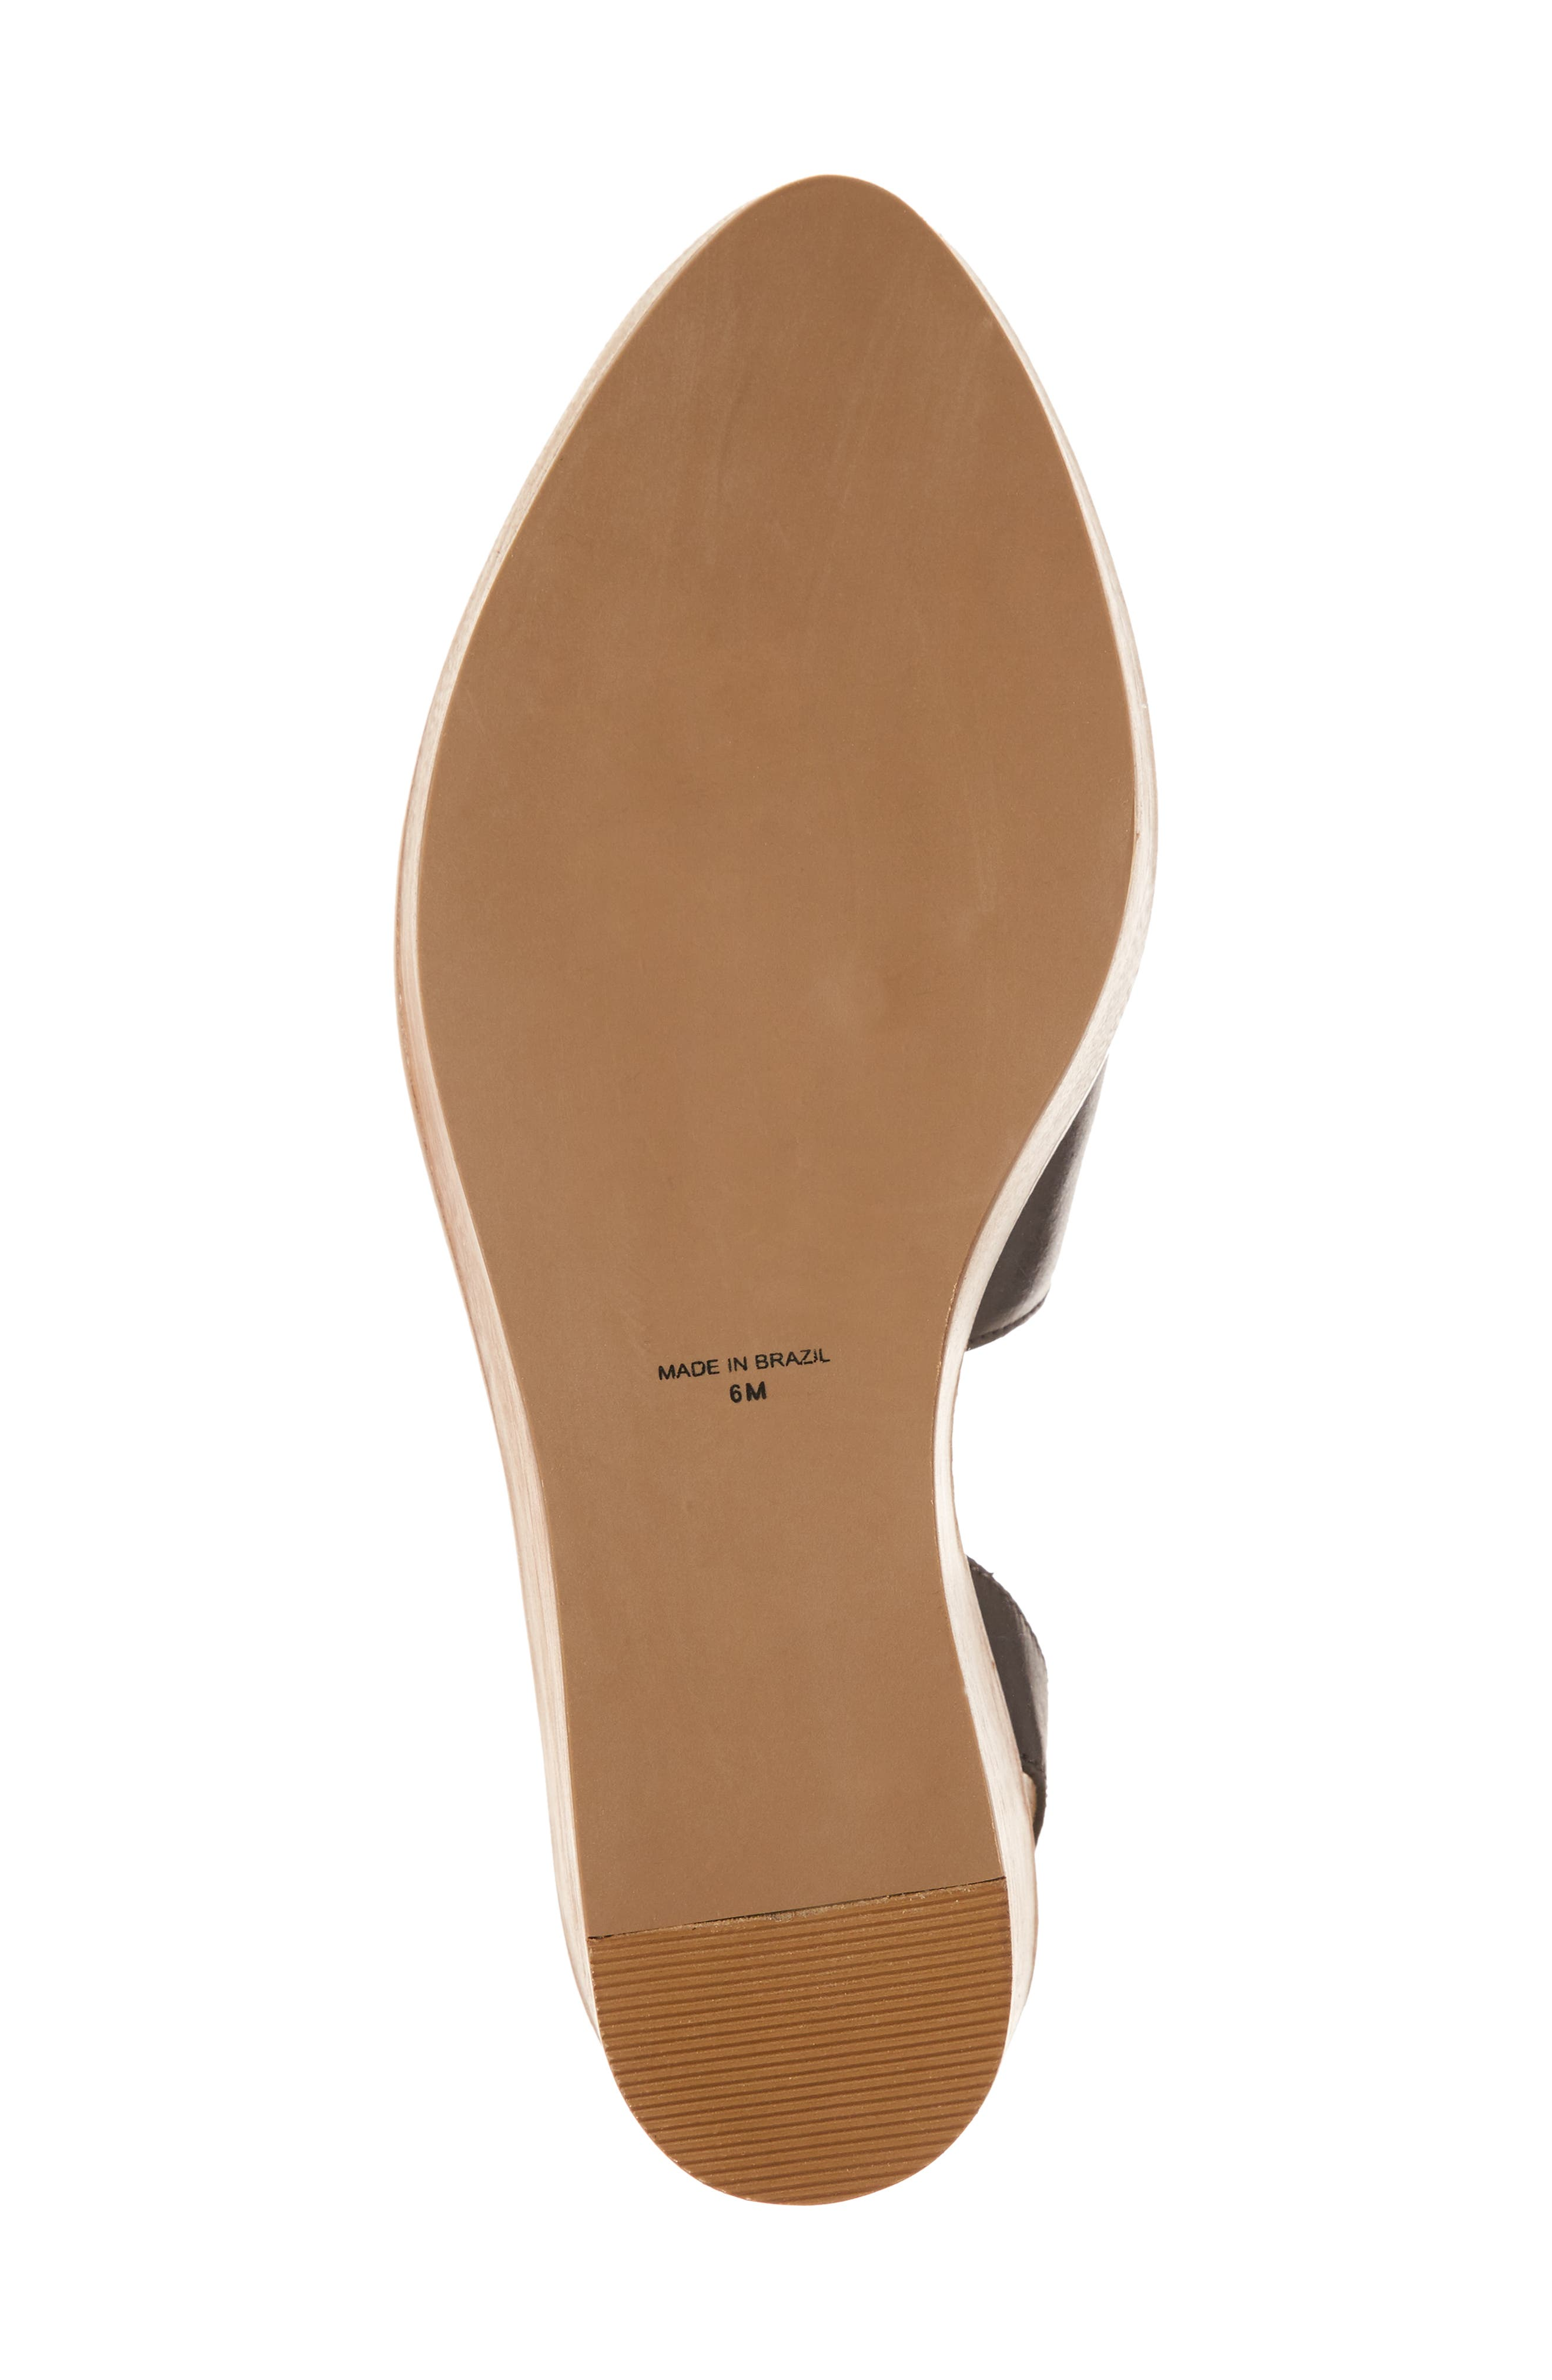 Eyals Slingback Platform Wedge Sandal,                             Alternate thumbnail 6, color,                             BLACK LEATHER